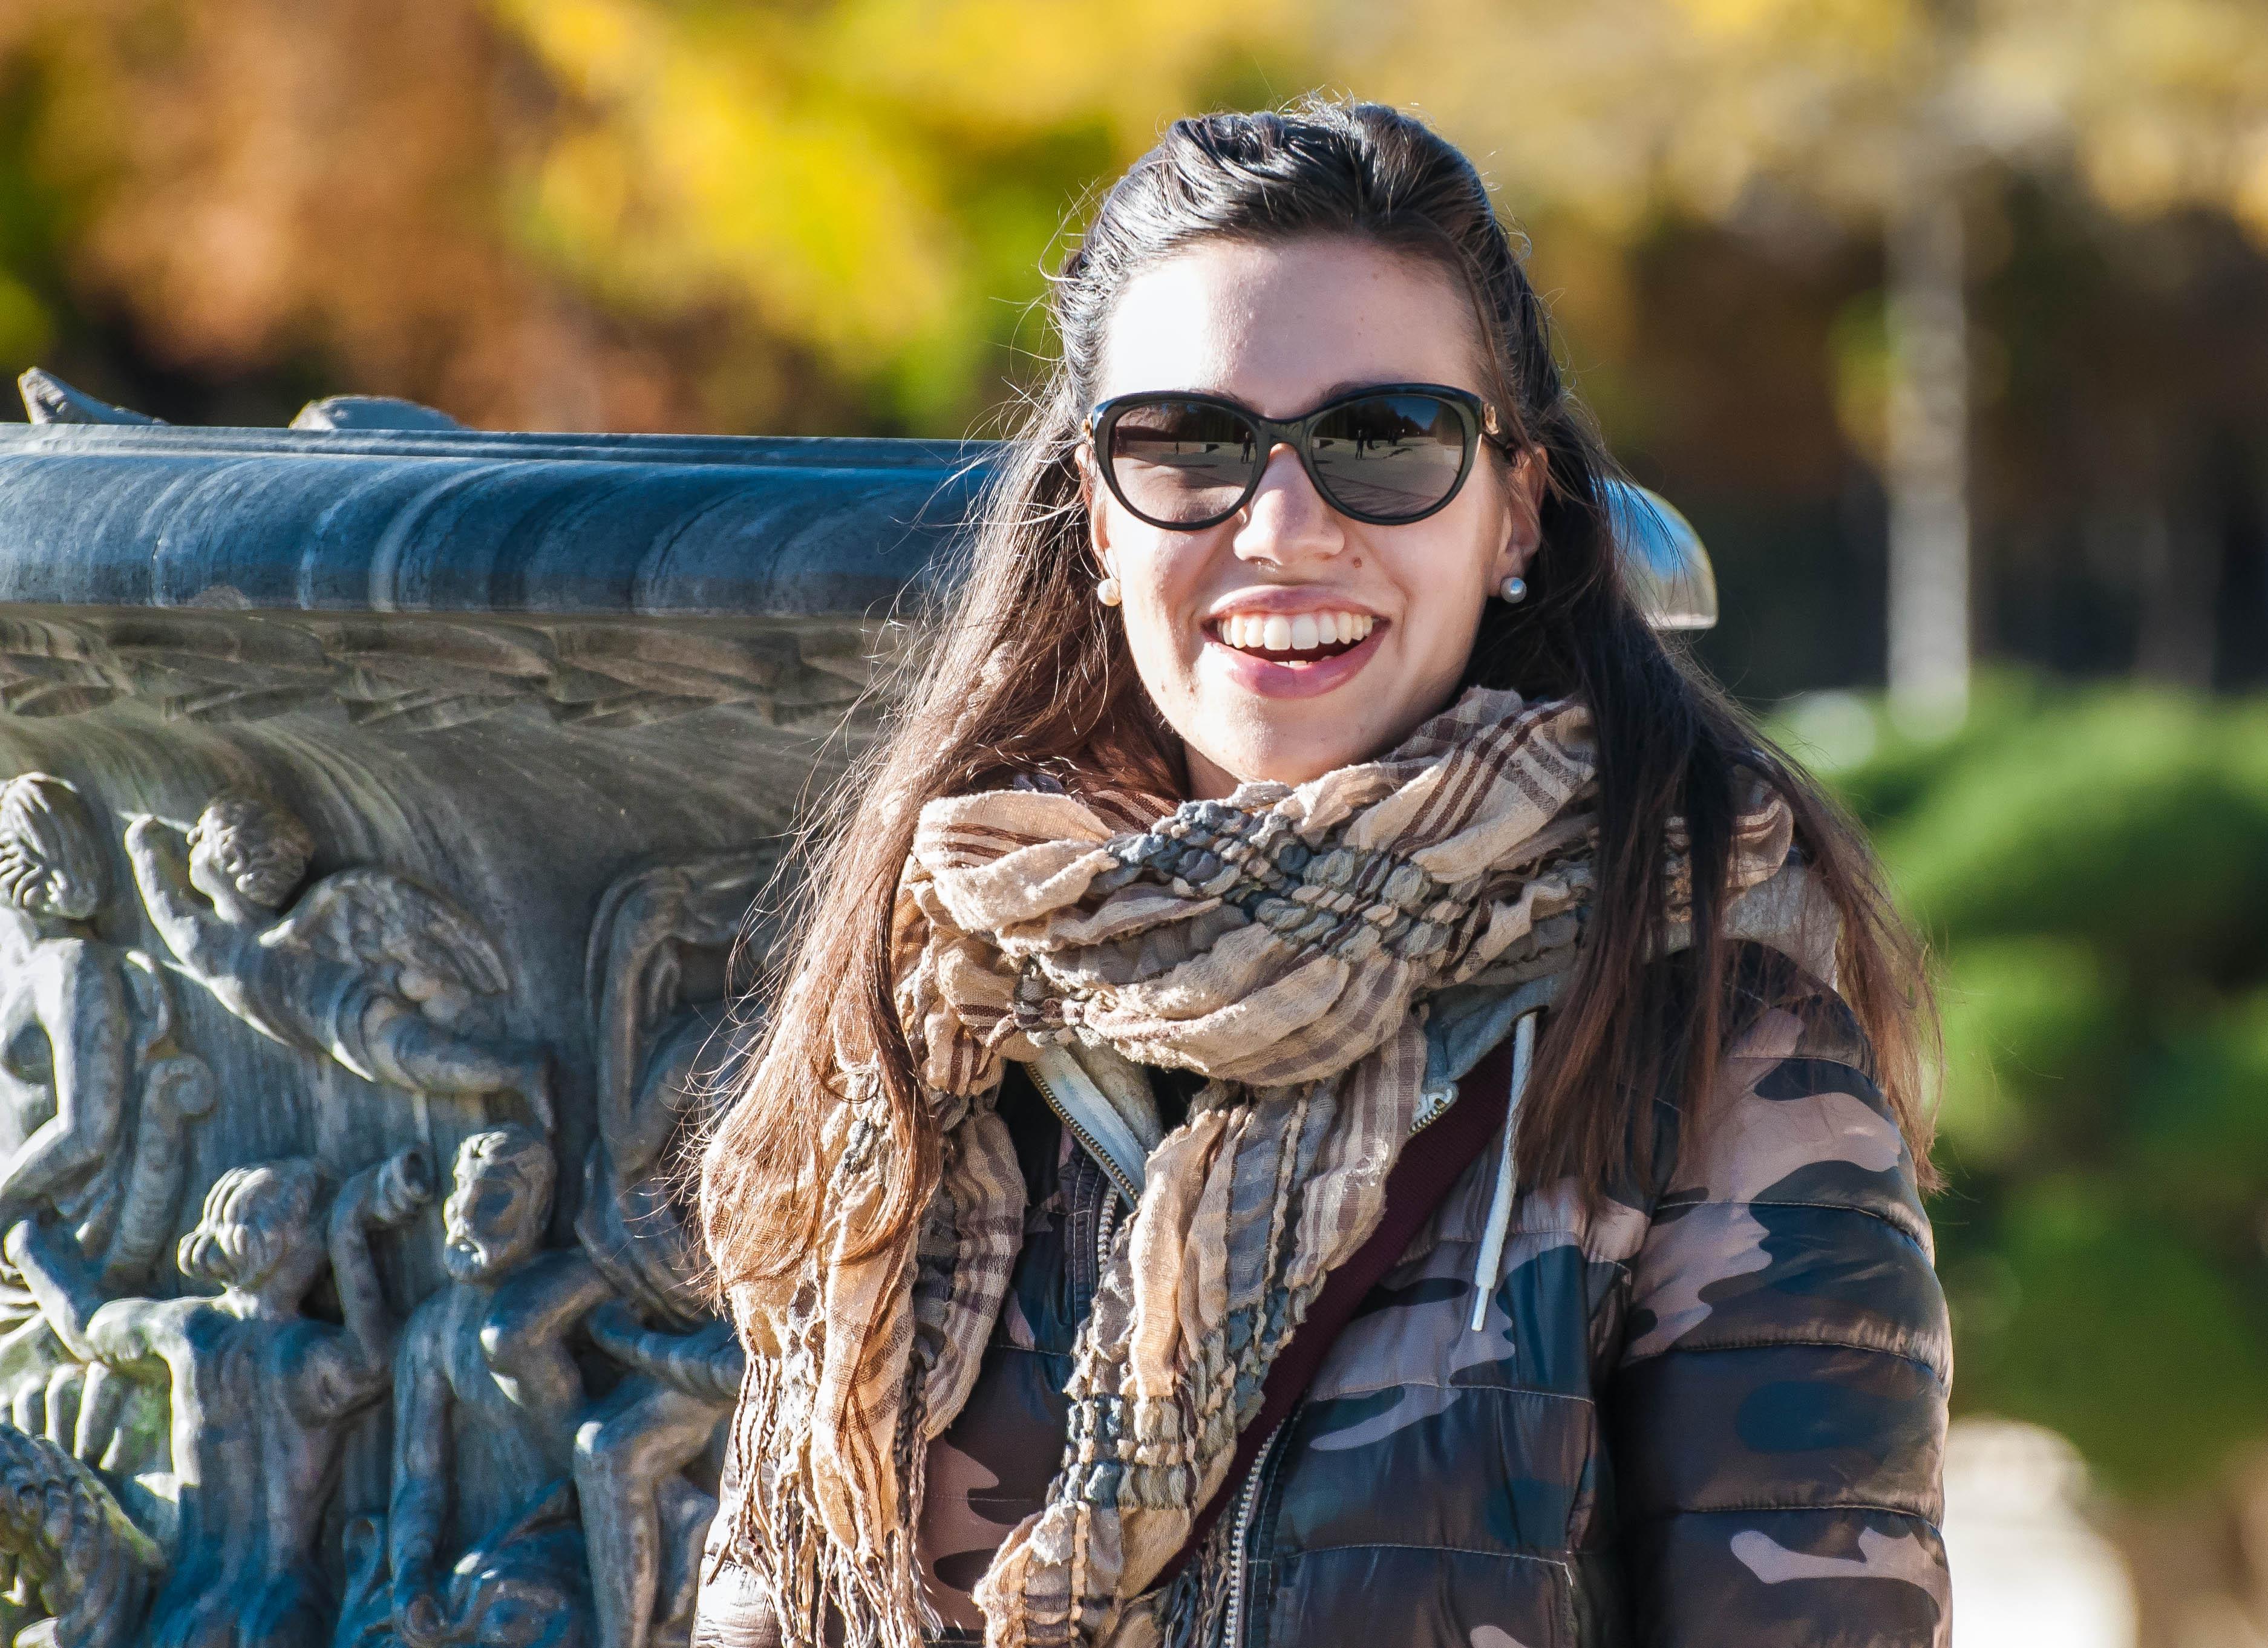 Flickr - Giulia